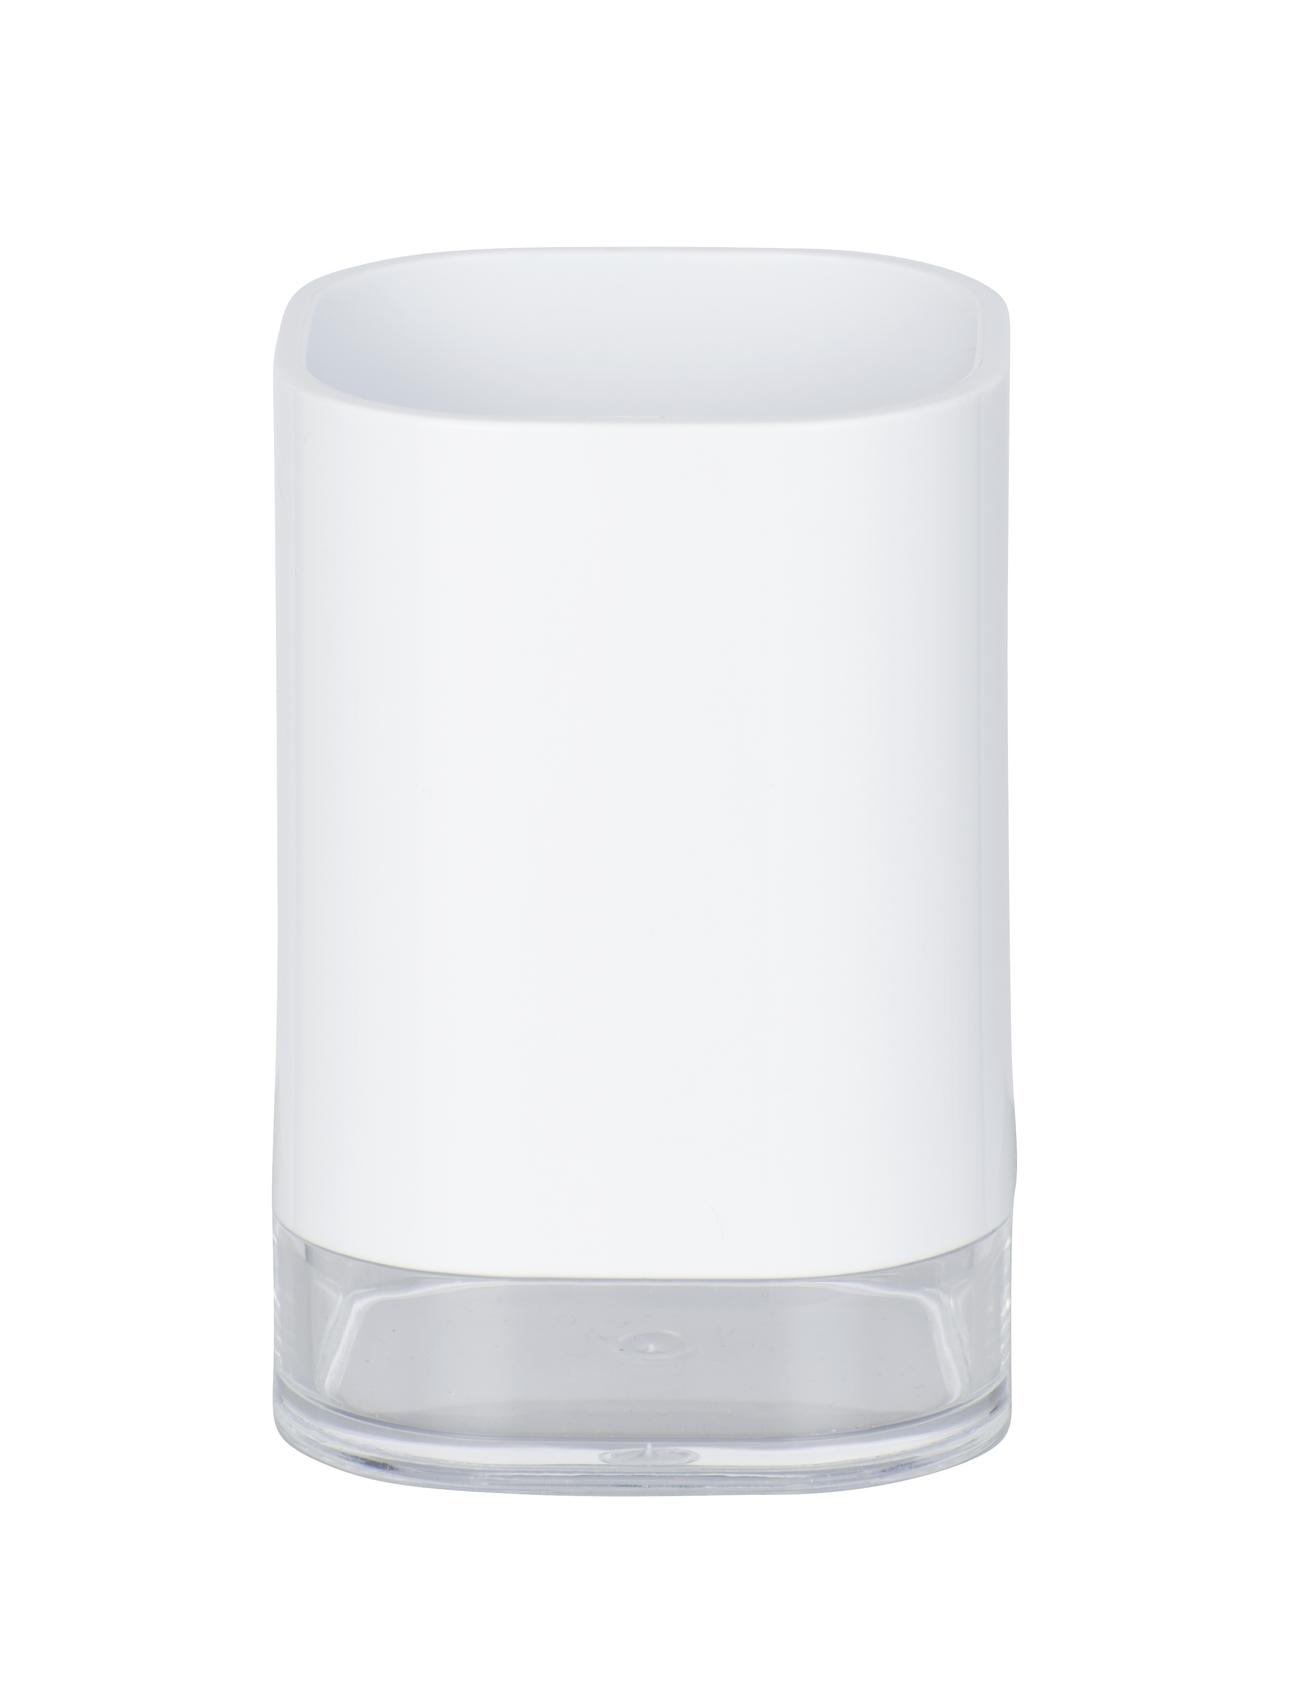 Pahar pentru periuta de dinti, din acril Oria Alb, L7,5xl7,5xH11,5 cm imagine